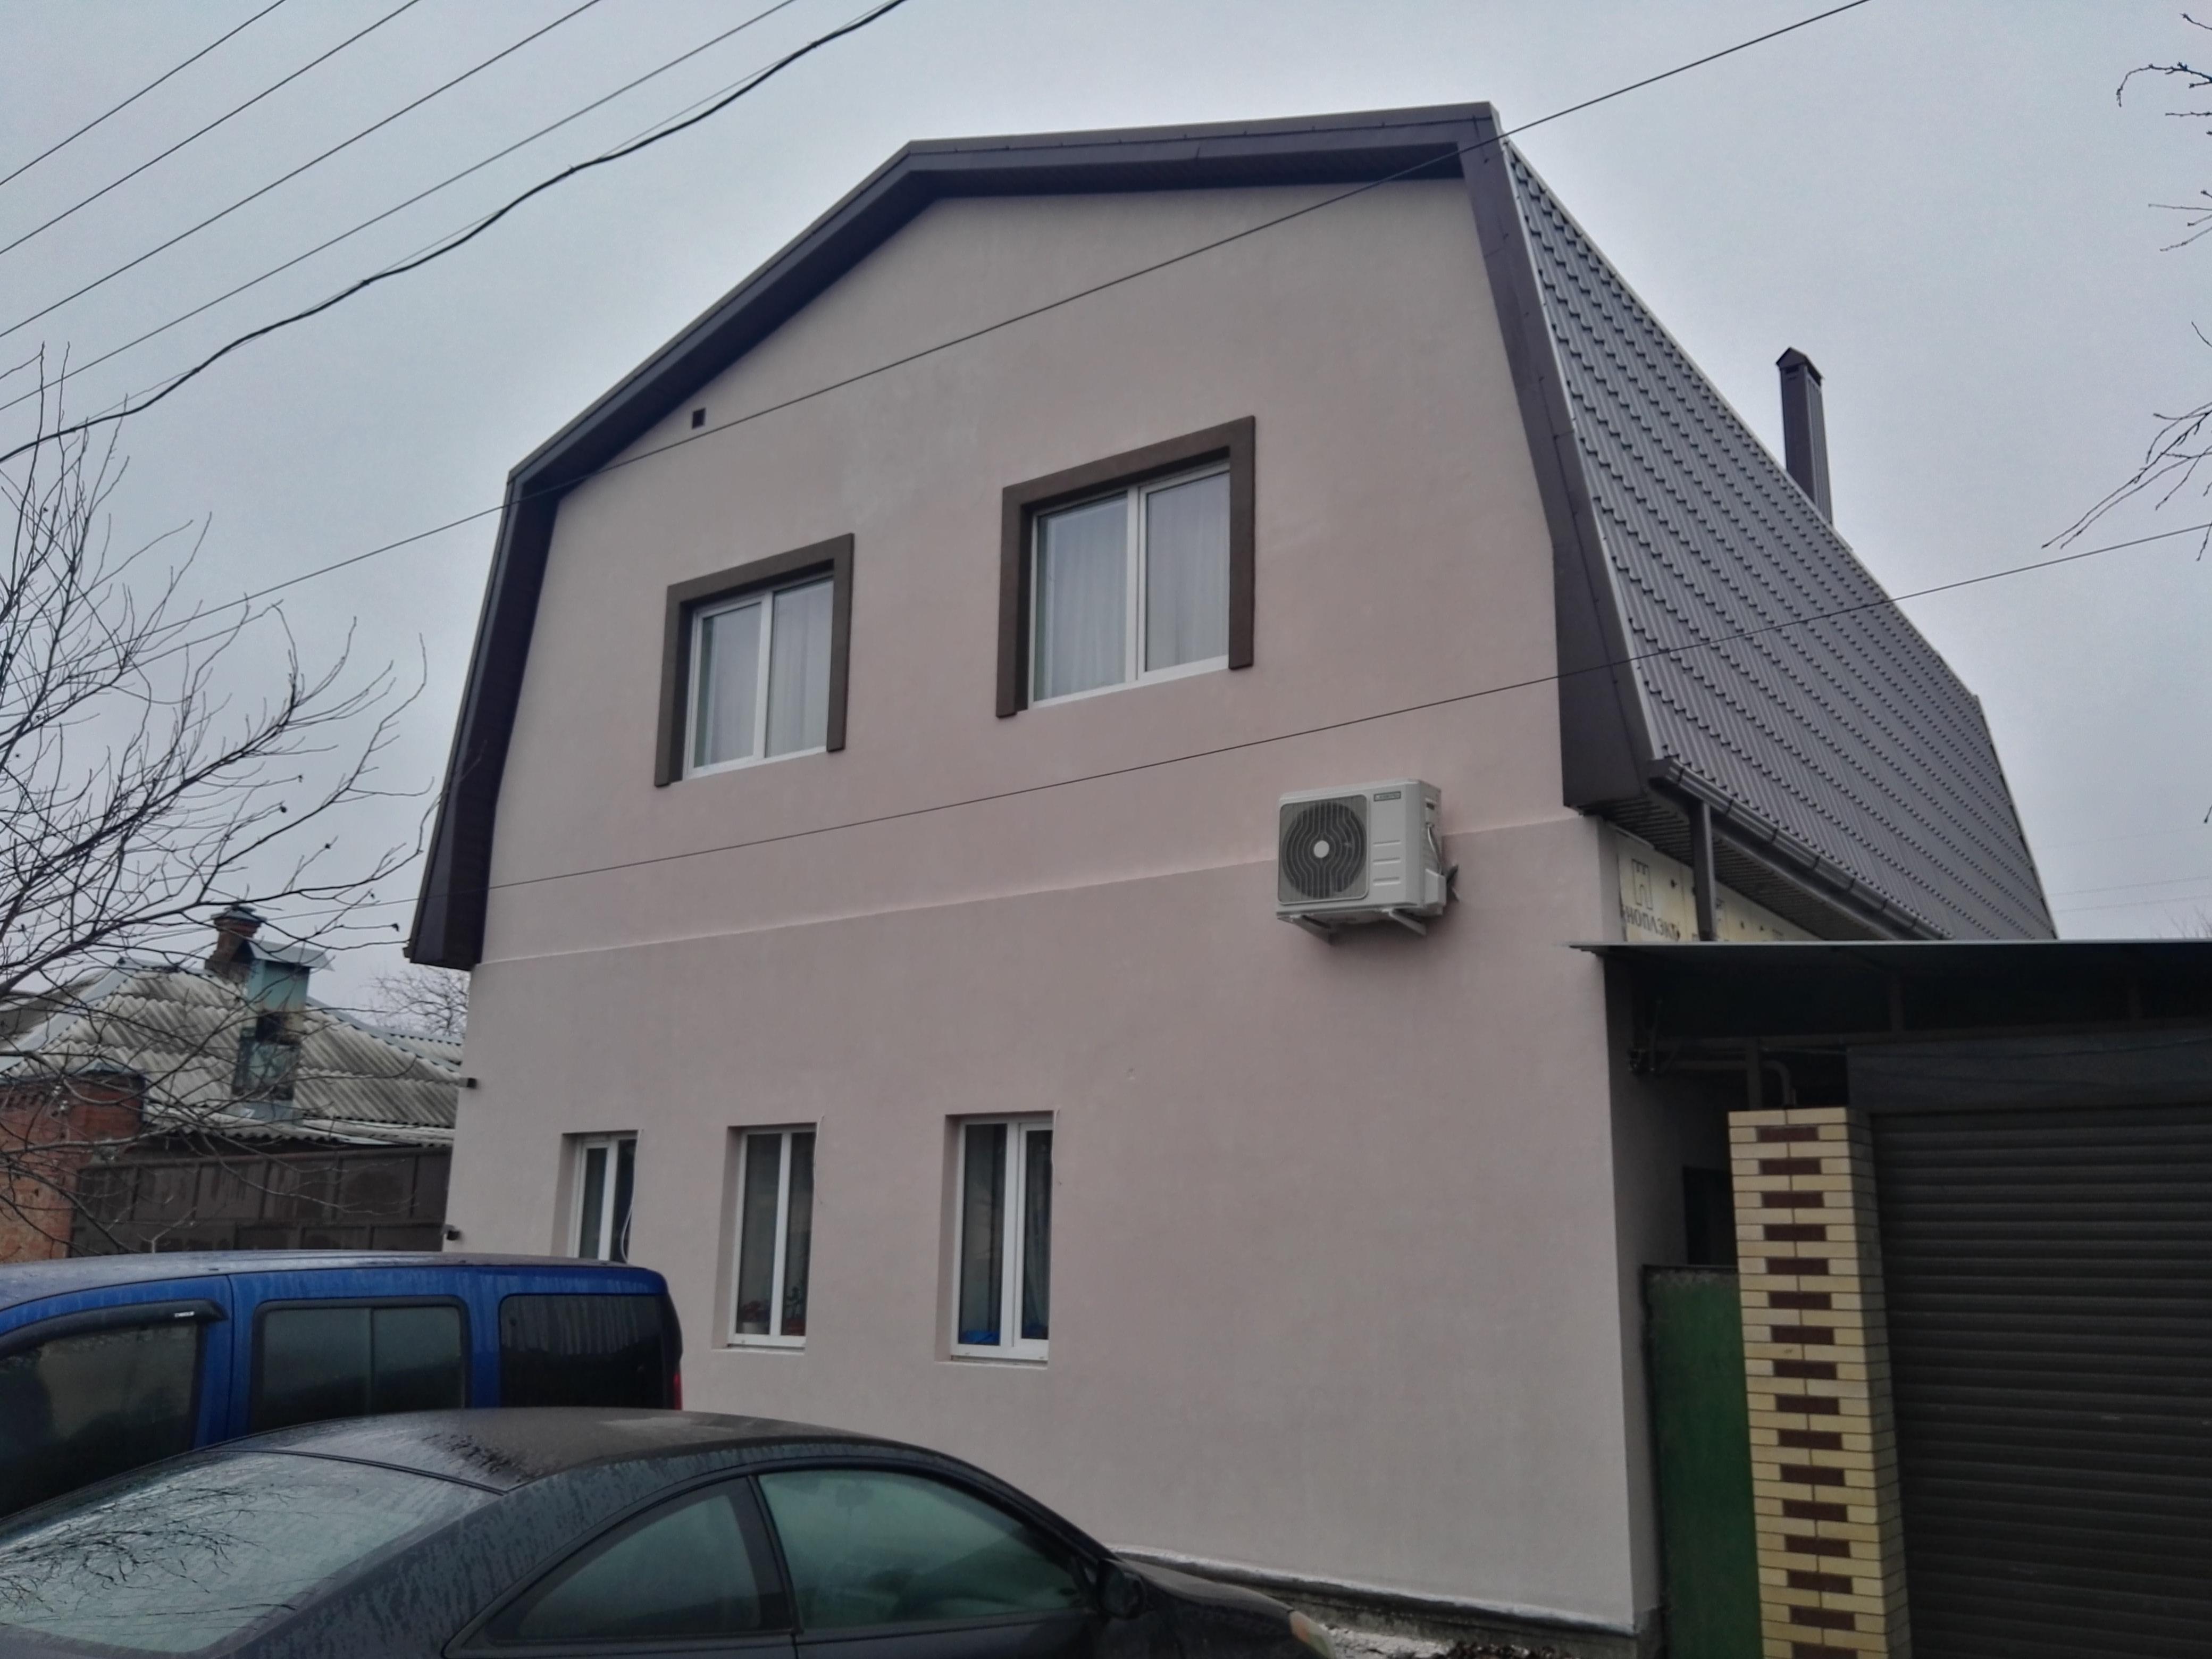 Покраска фасада по штукатурке видео